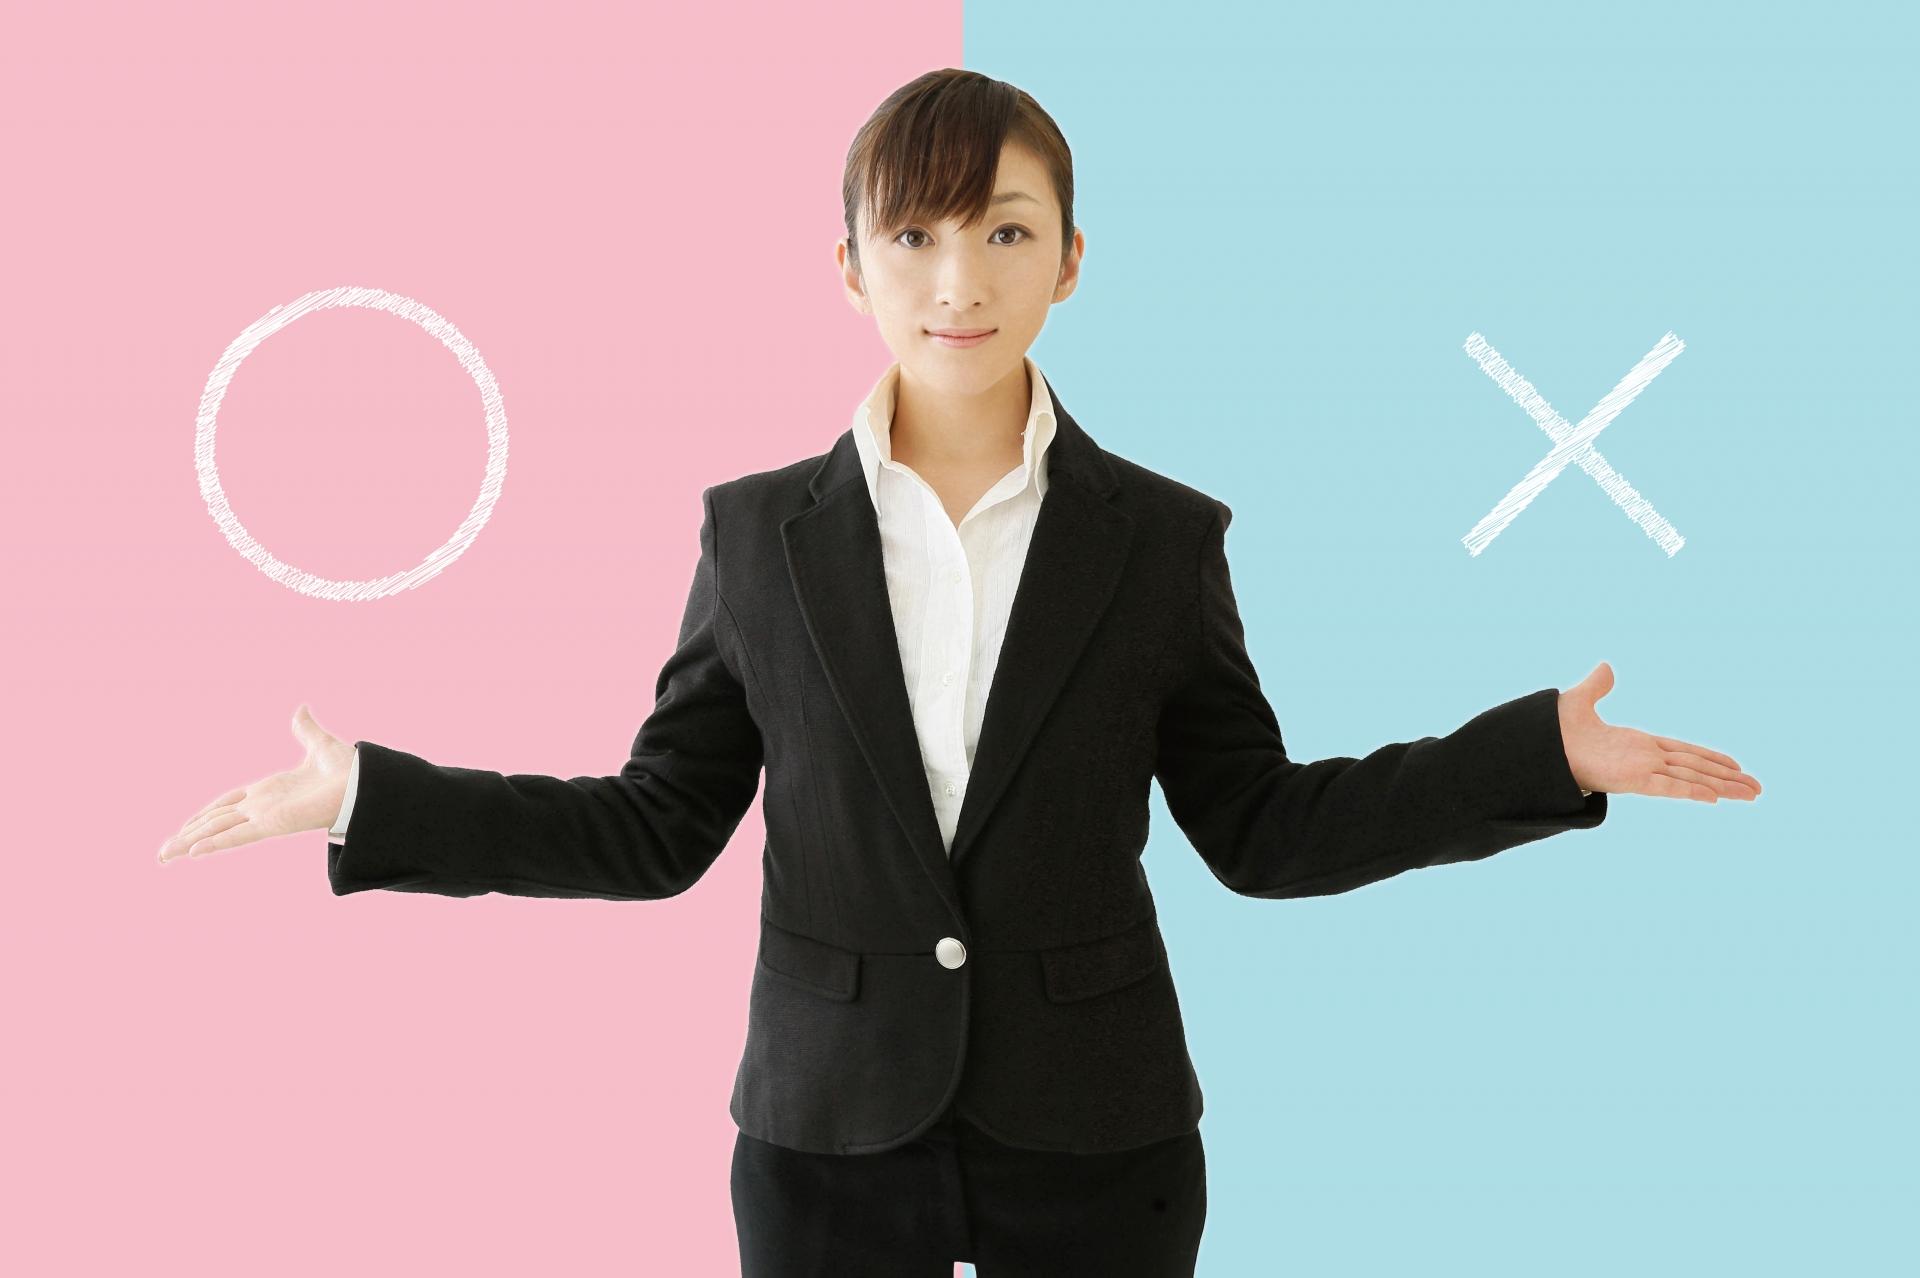 三重県探偵ブログ 「夫婦で感謝のメッセージ伝え合っていますか?」